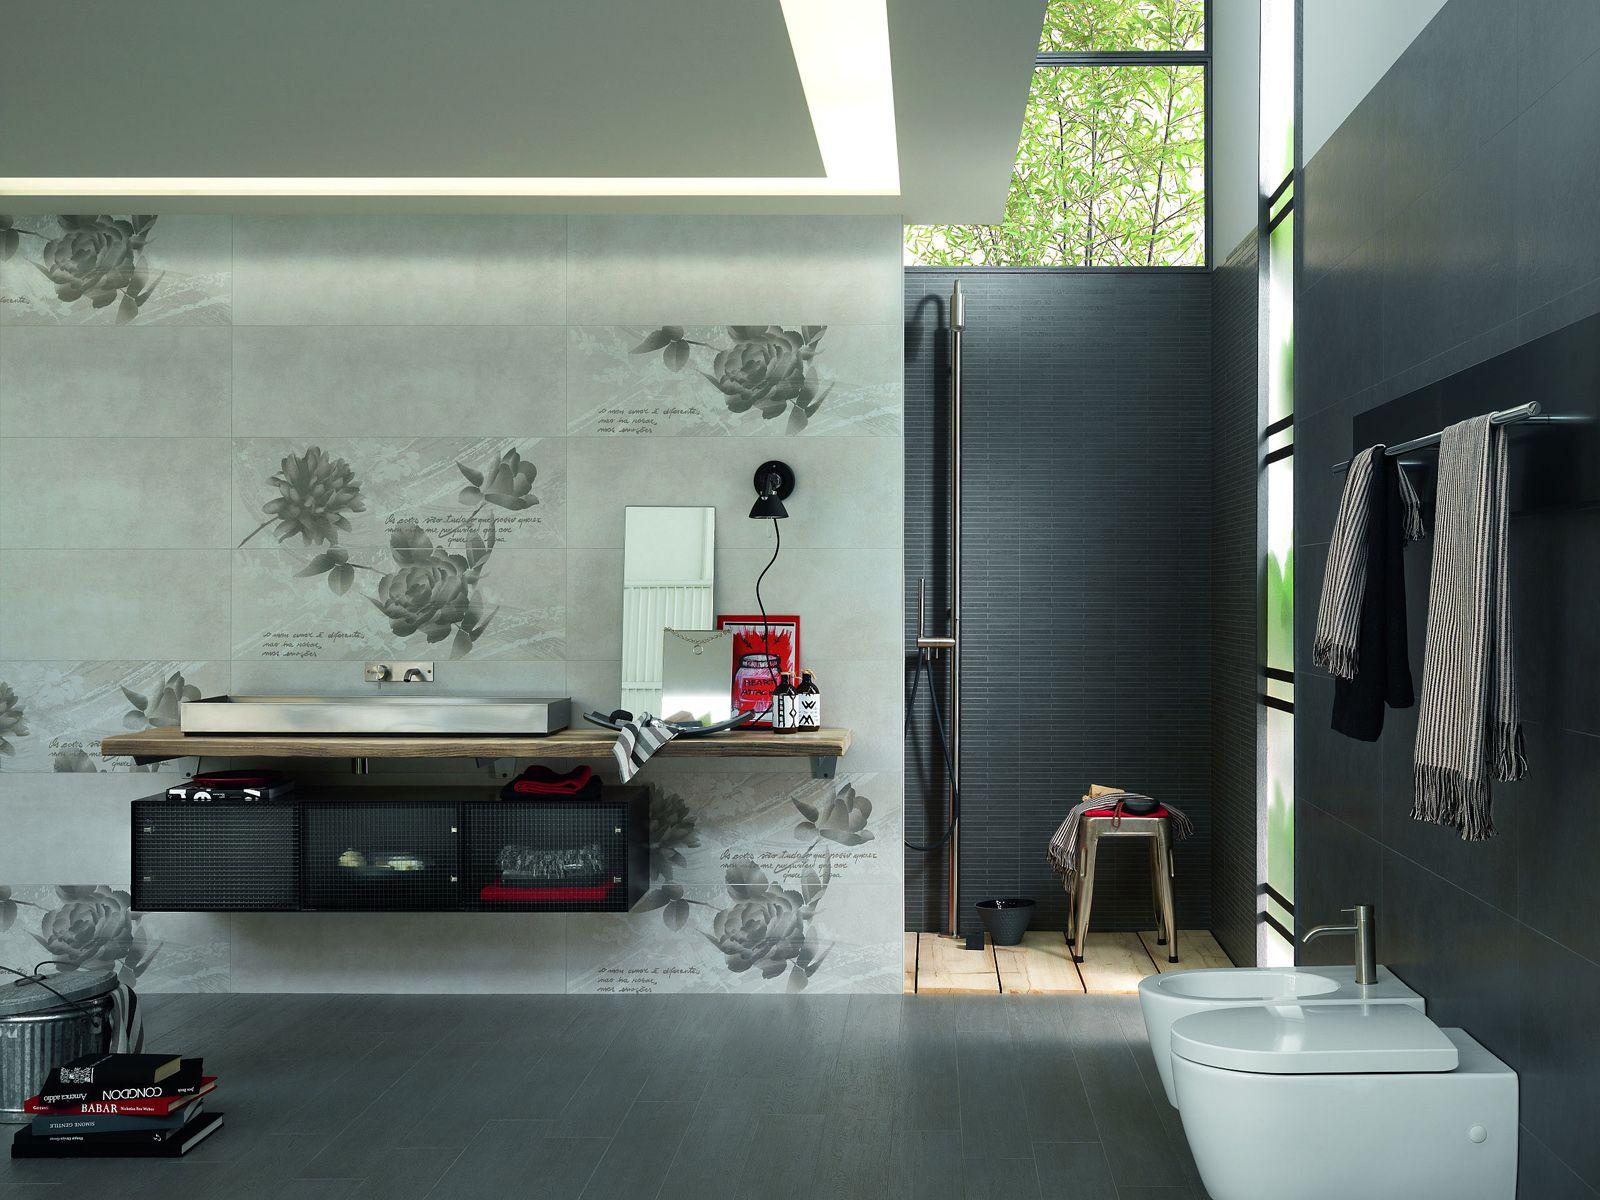 Idee posa piastrelle bagno : schemi di posa piastrelle bagno. idee ...